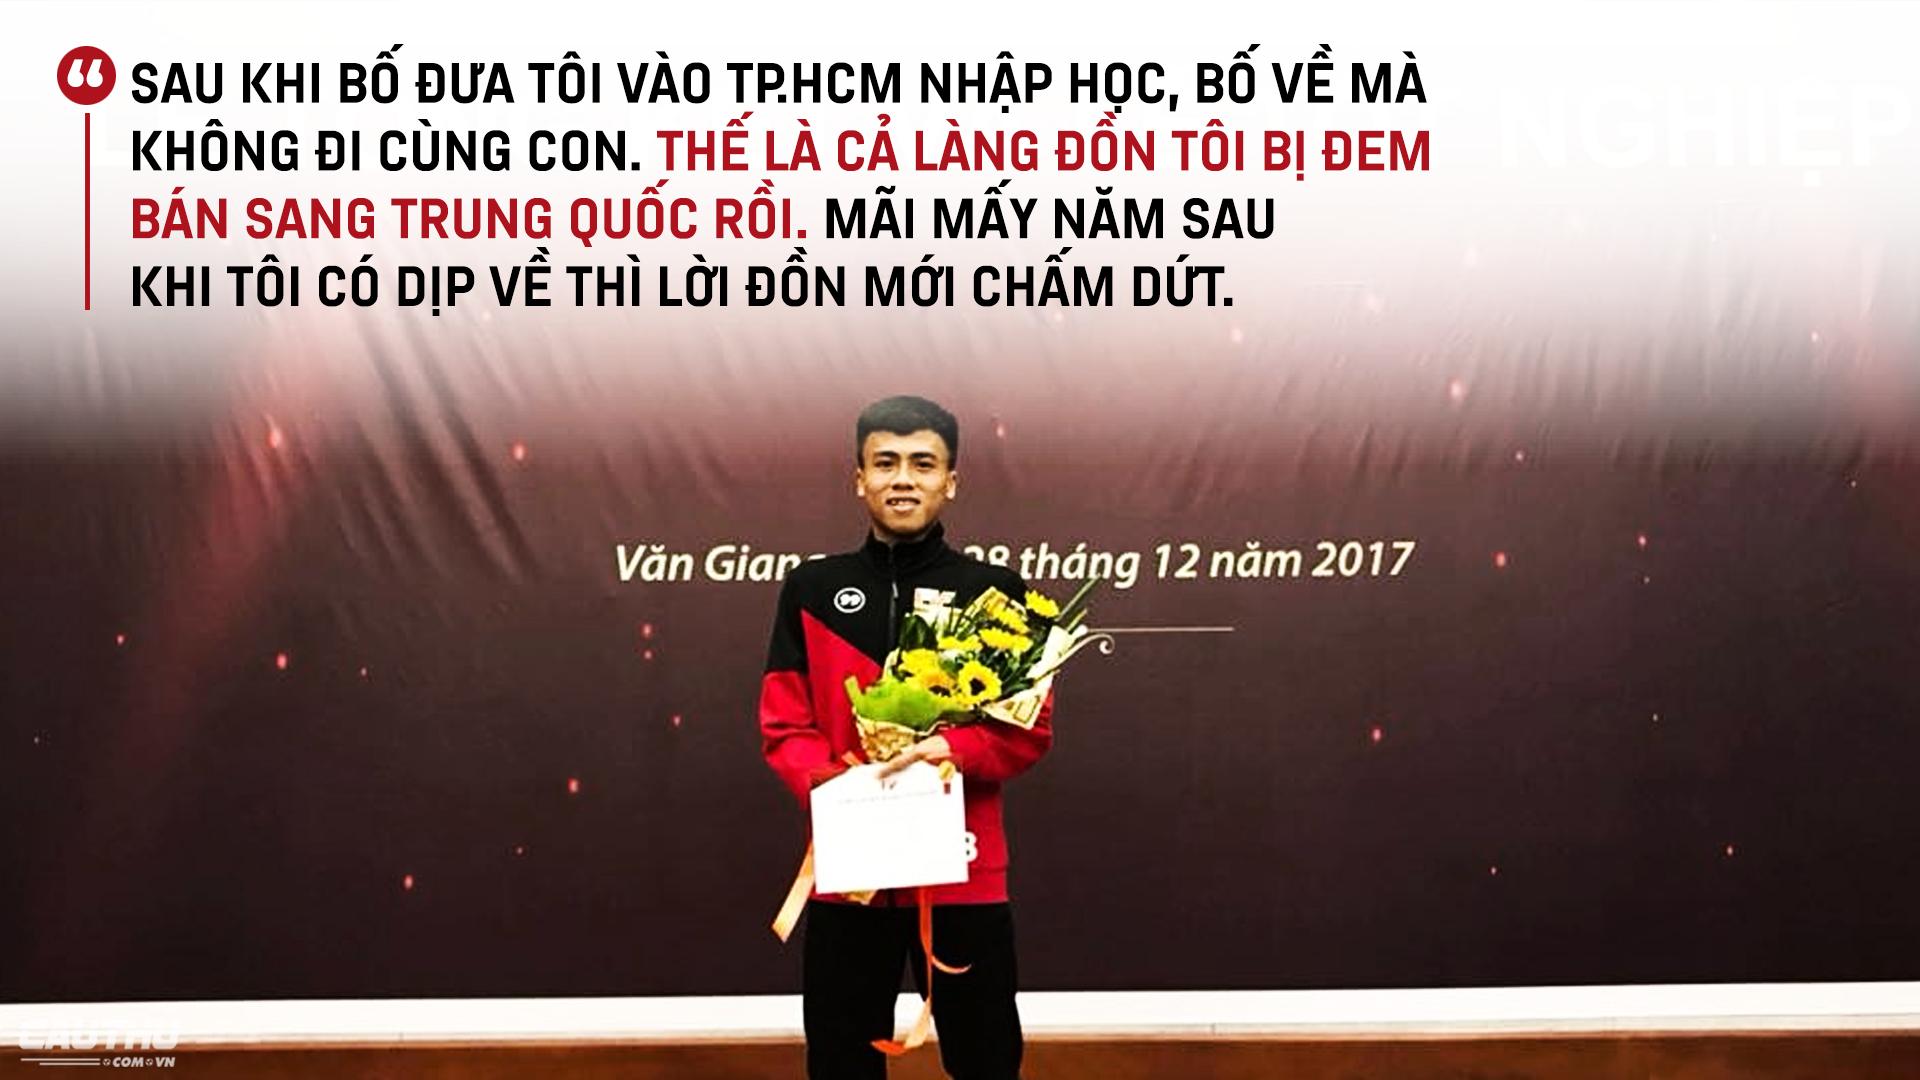 """Tuyển thủ U18 Việt Nam Phan Bá Hoàng: Mẹ, bóng đá & nước mắt của Hoàng """"shipper"""" - Ảnh 7."""